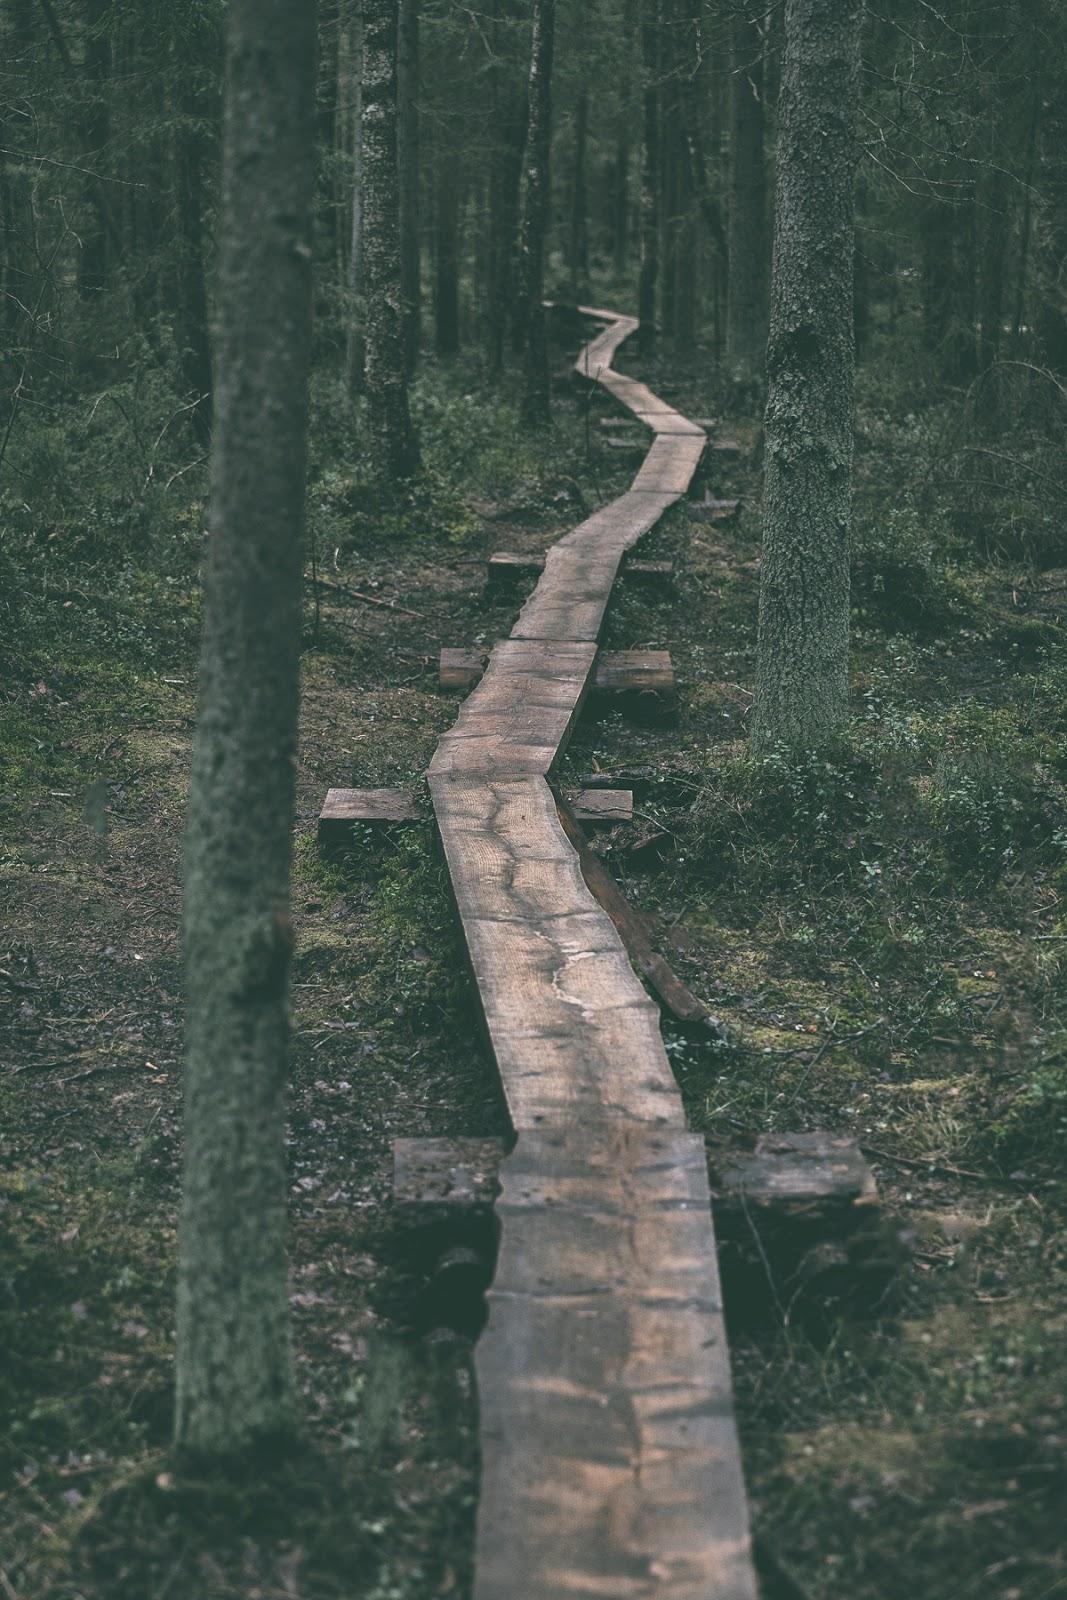 Hyvinkää, Terveysmetsä, luonto, luontopolku, nature, woods, metsä, metsäreitti, naturephotography, polku, valokuvaus, valokuvaaminen, Frida Steiner, Visualaddict, visualaddictfrida, luontovalokuvaus, this is Finland, Suomi, visit finland, pitkospuut, path